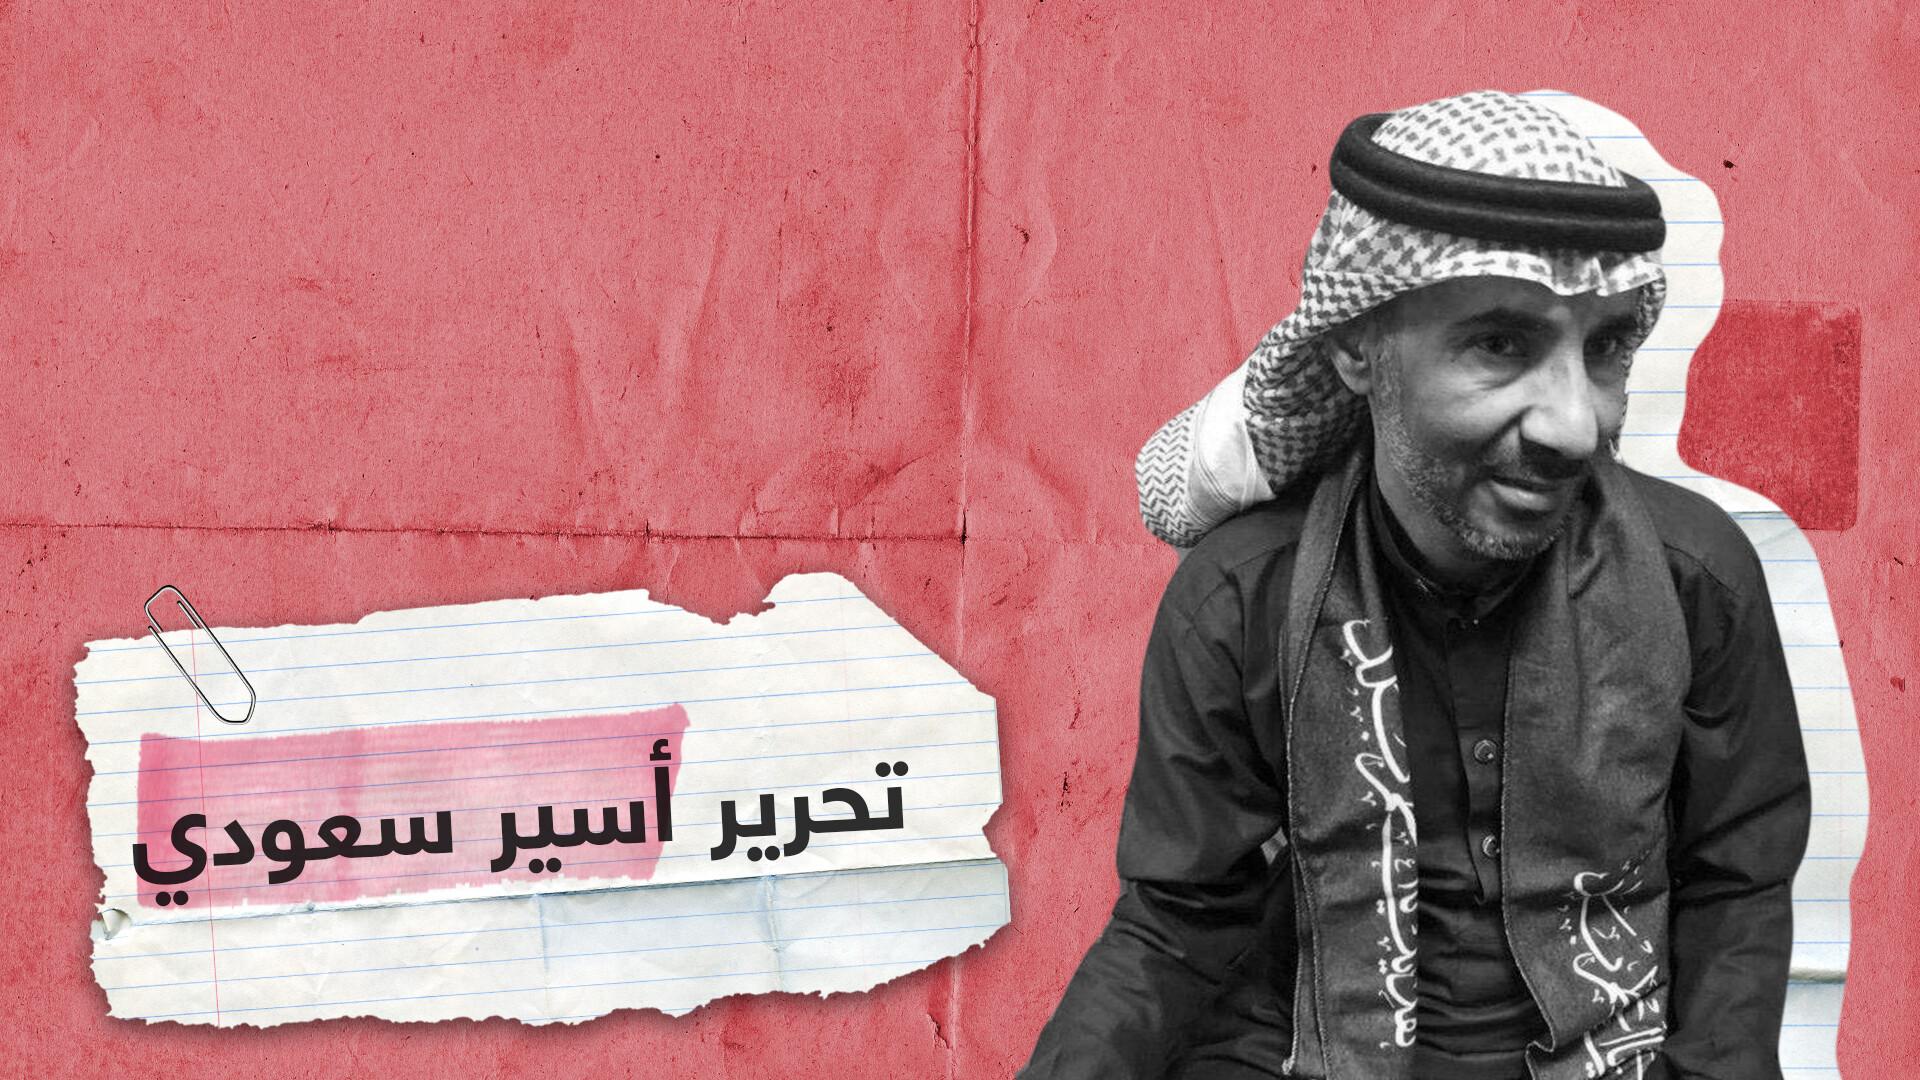 ظل أسيرا 4 سنوات.. كيف تم تحرير سعودي في اليمن؟